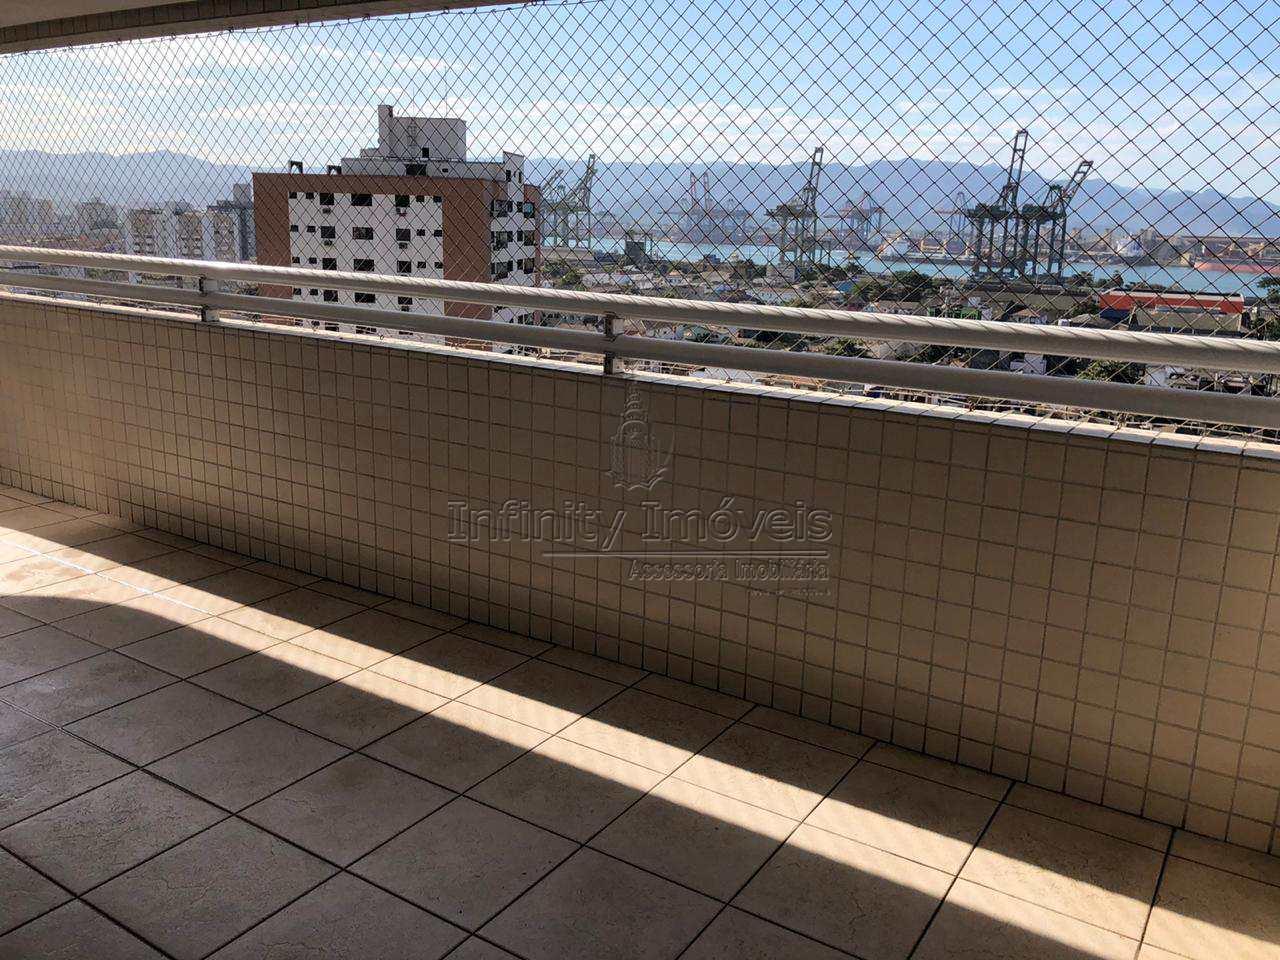 Venda, Apartamento, 03 dormitórios, 115,00m2, em Santos